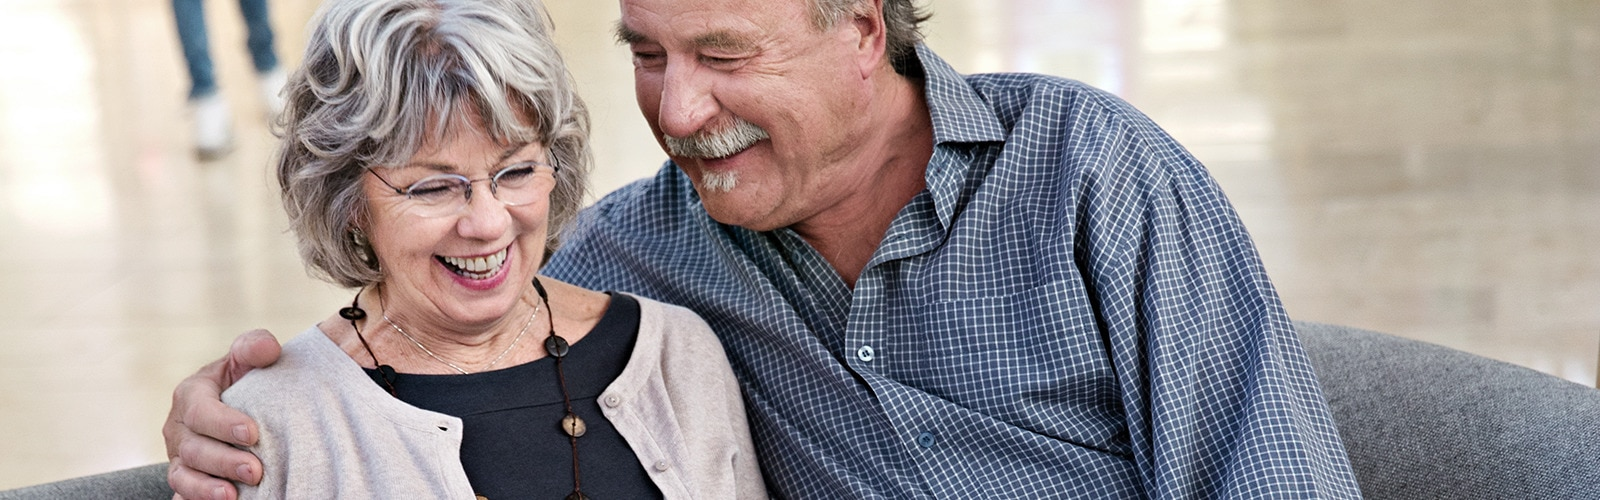 Ηλικιωμένο ζευγάρι που κάθεται στον καναπέ